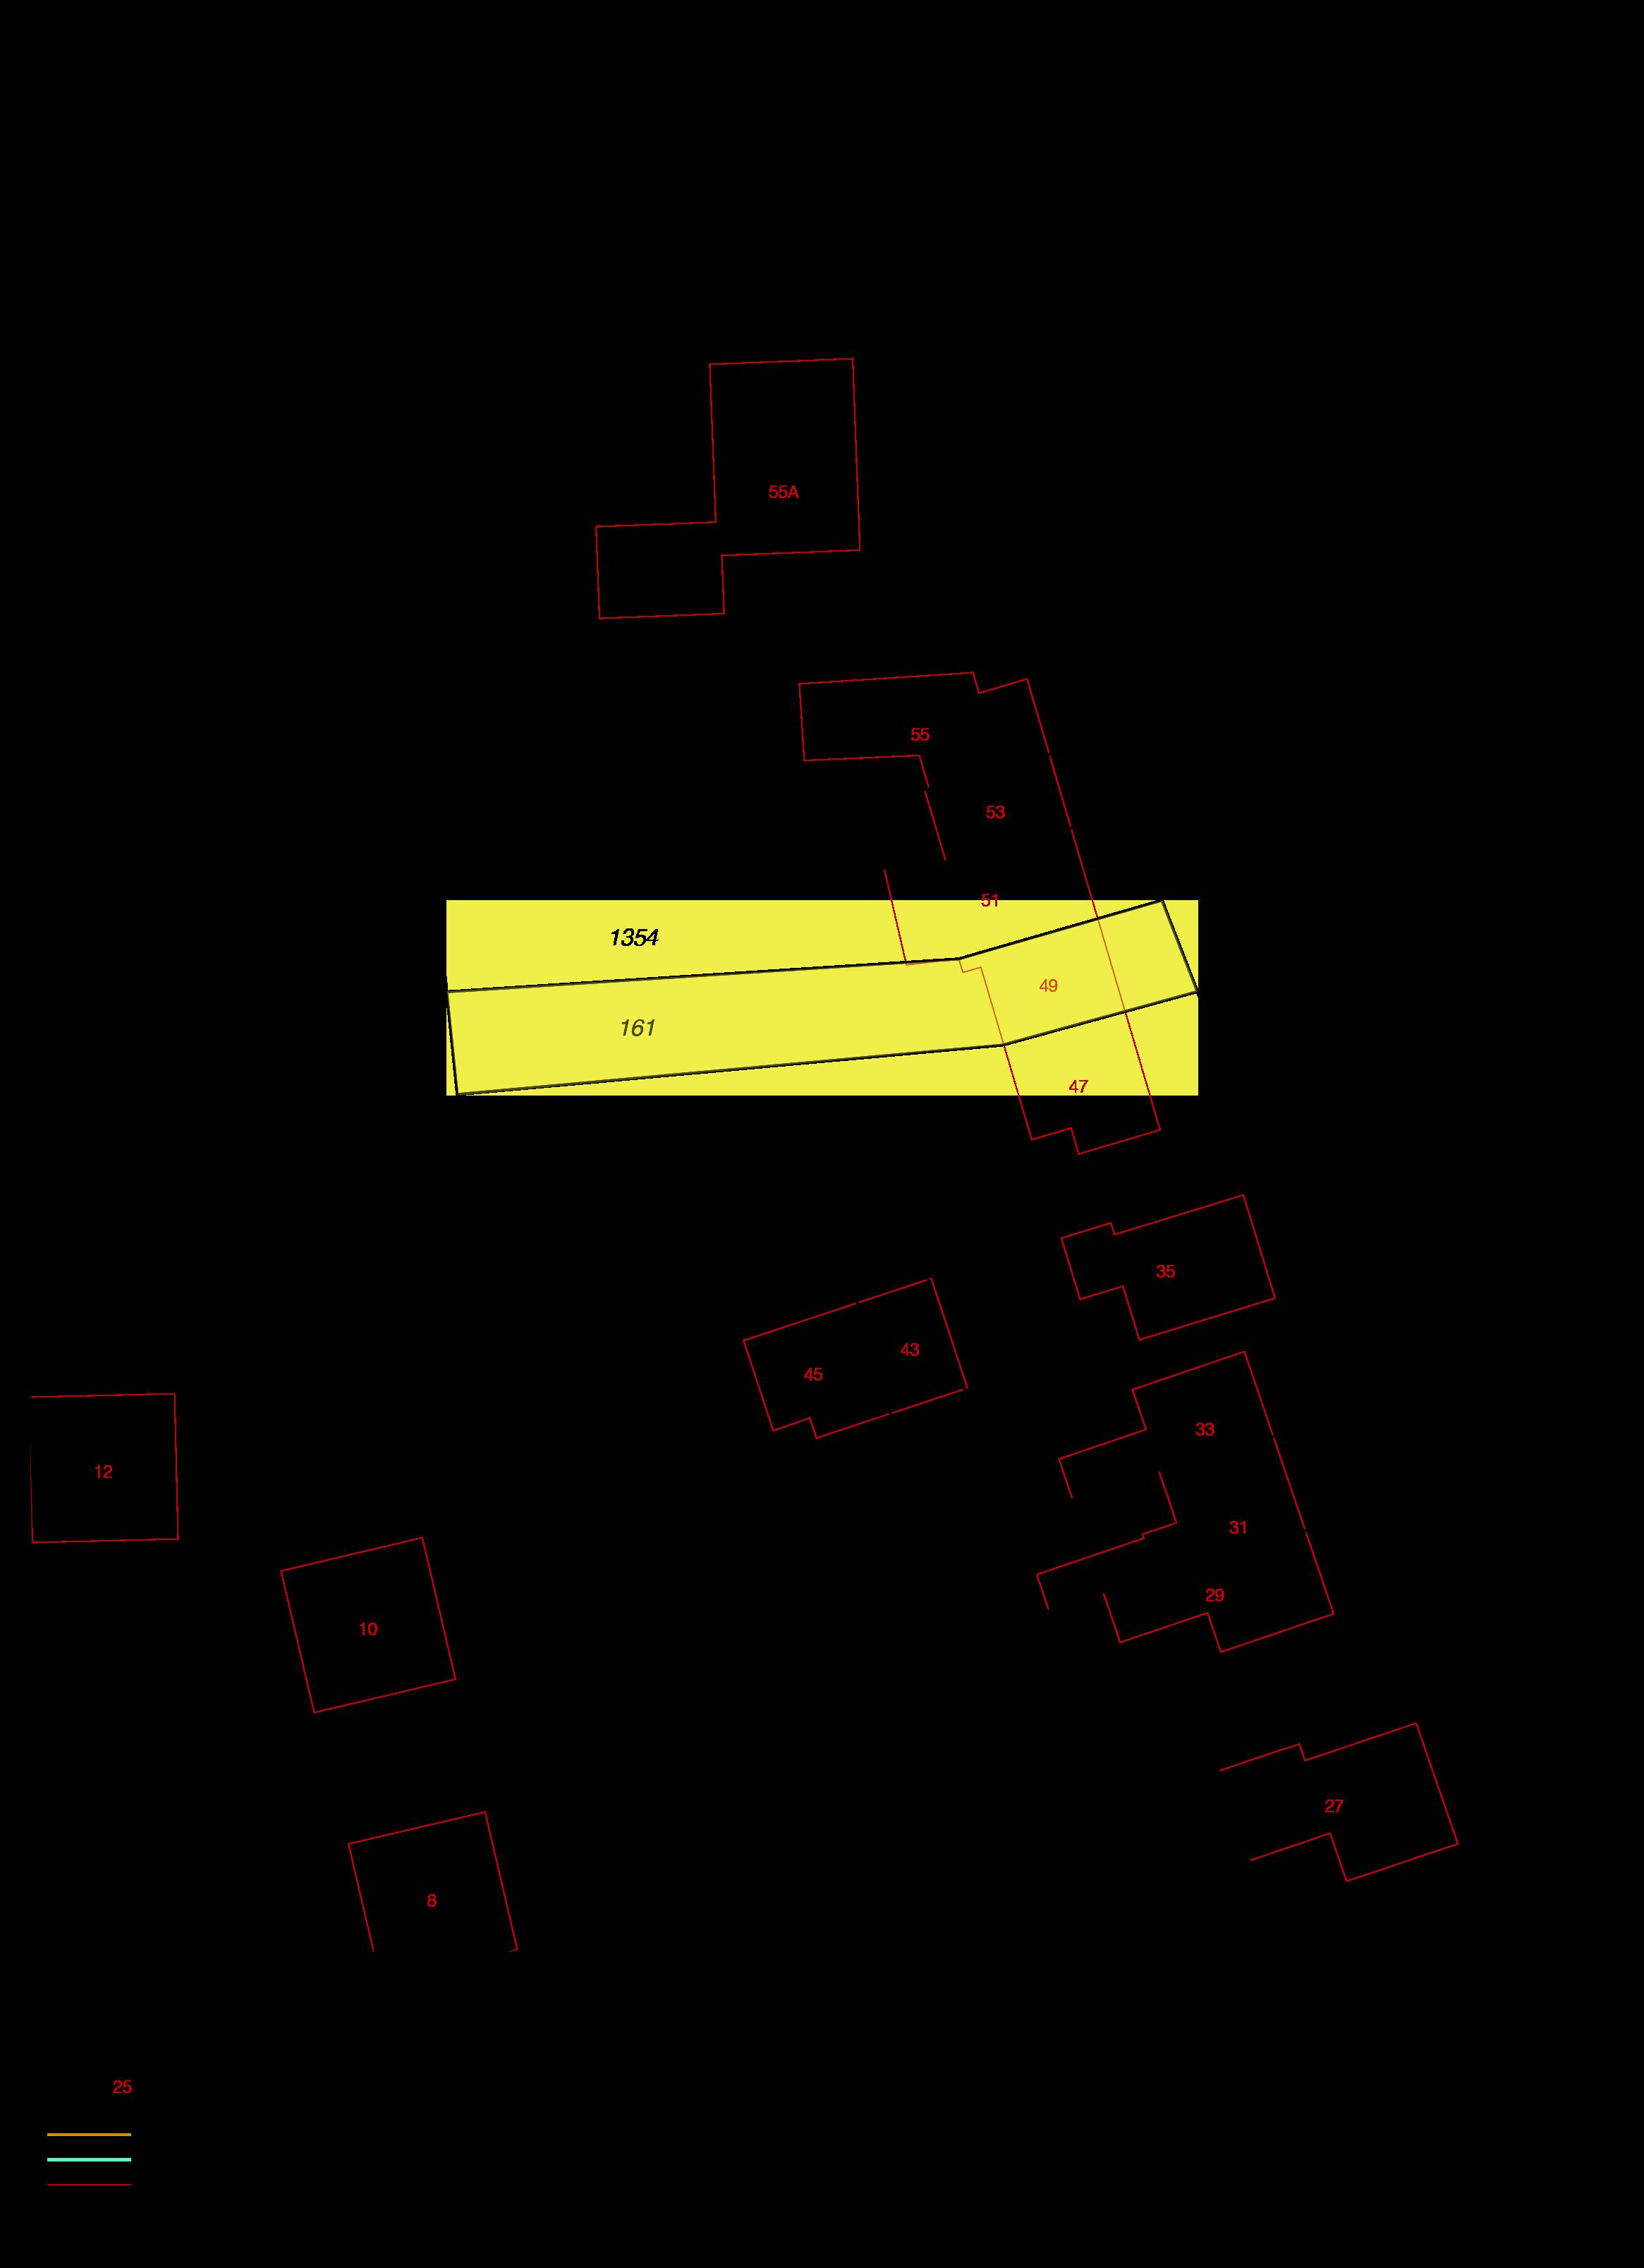 kadastrale kaart nazareth 49 wolphaartsdijk ism makelaars